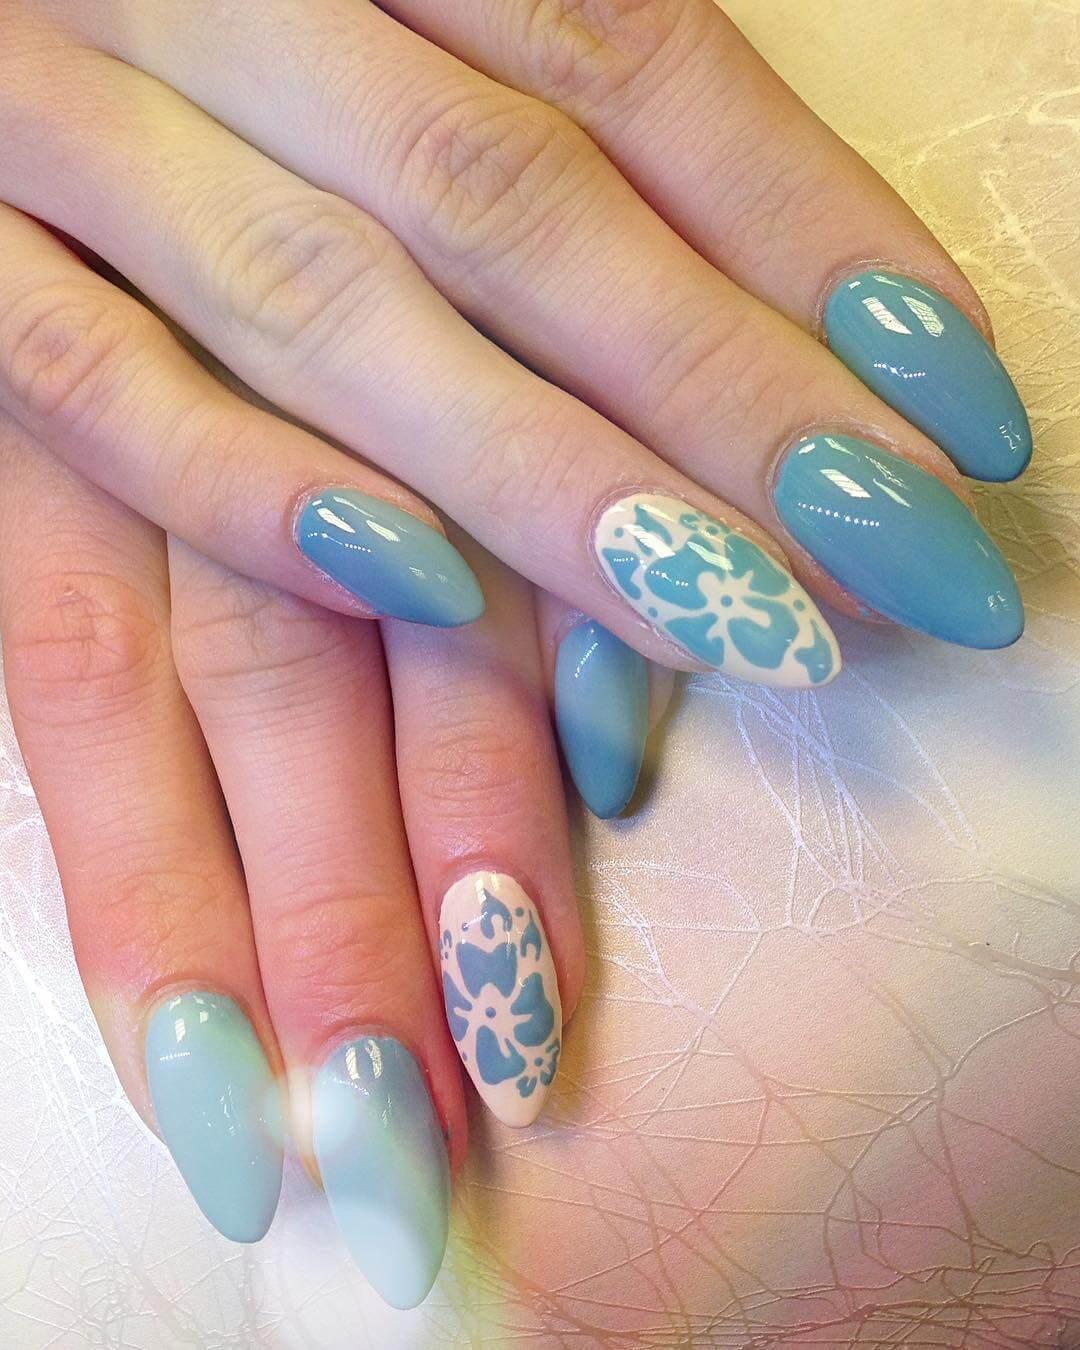 Plus de 80 motifs de ongles décorés en bleu clair 4